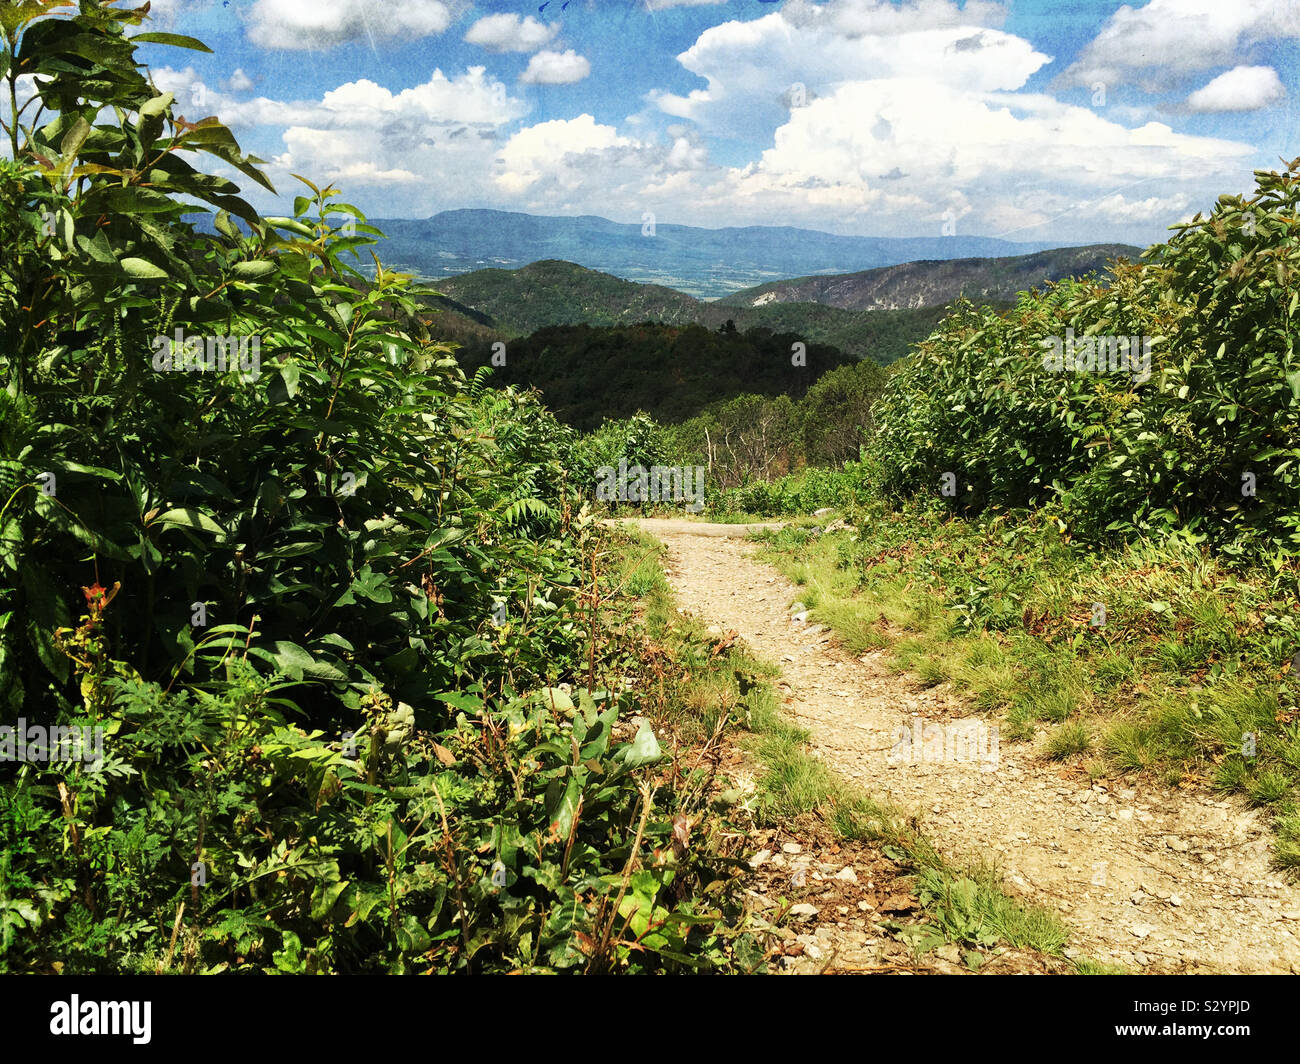 Marrone sentiero di montagna nel Parco Nazionale di Shenandoah Virginia STATI UNITI D'AMERICA. L'Appalachian Blue Ridge Mountains sono in background. Questa immagine ha un grunge effetto testurizzato. Foto Stock